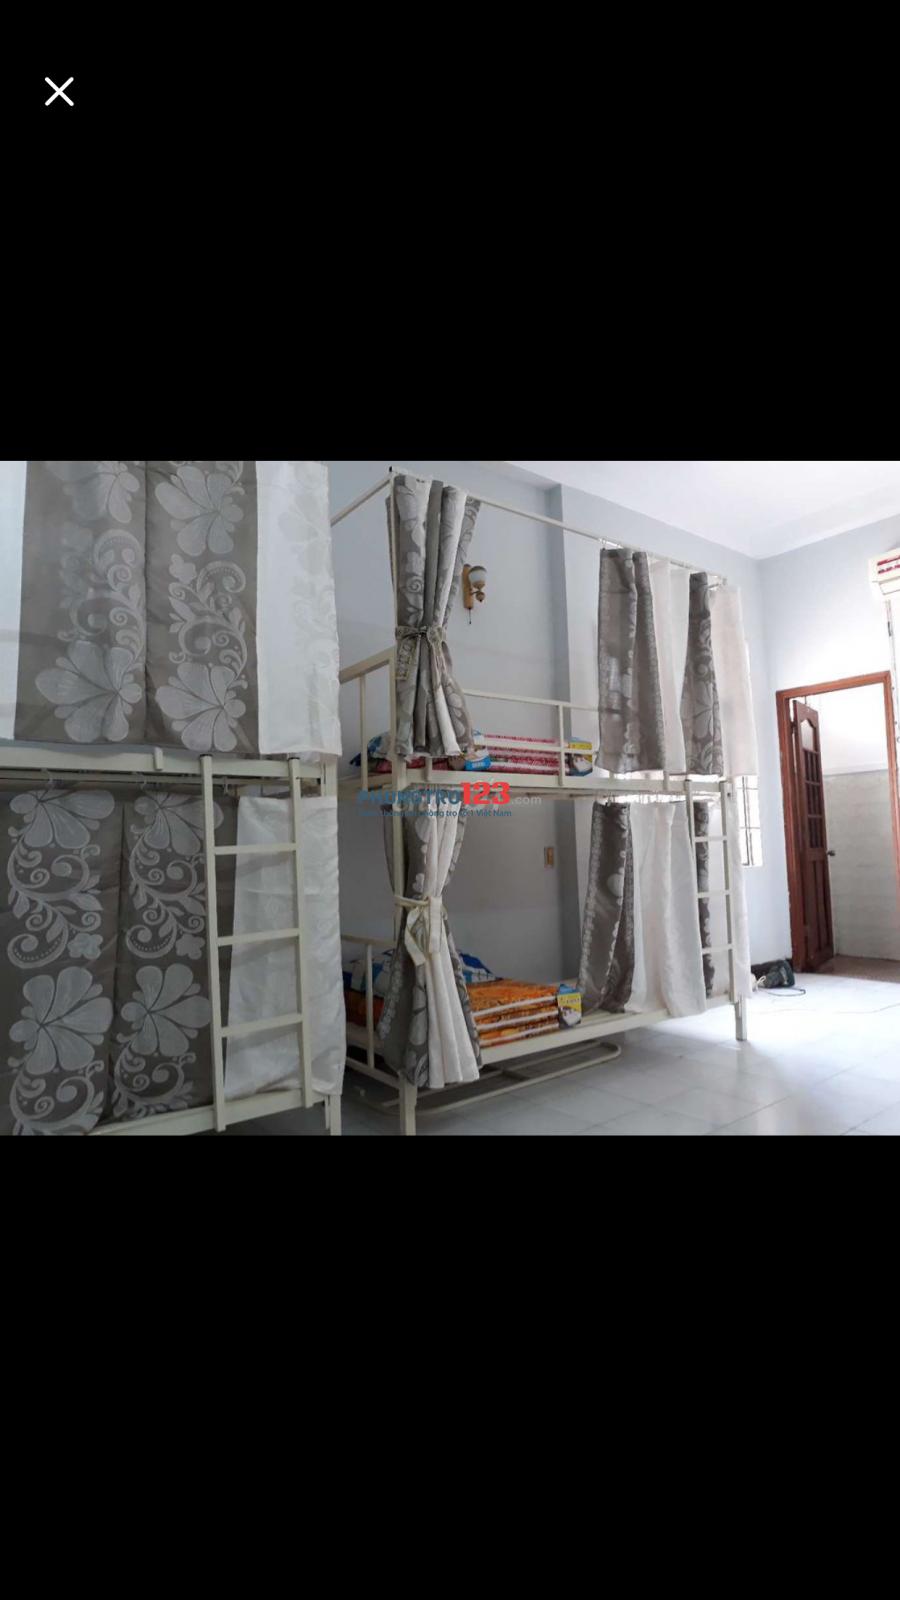 Phòng Trọ Homestay KTX 39 Nguyễn Tất Thành Phường 13, Quận 4